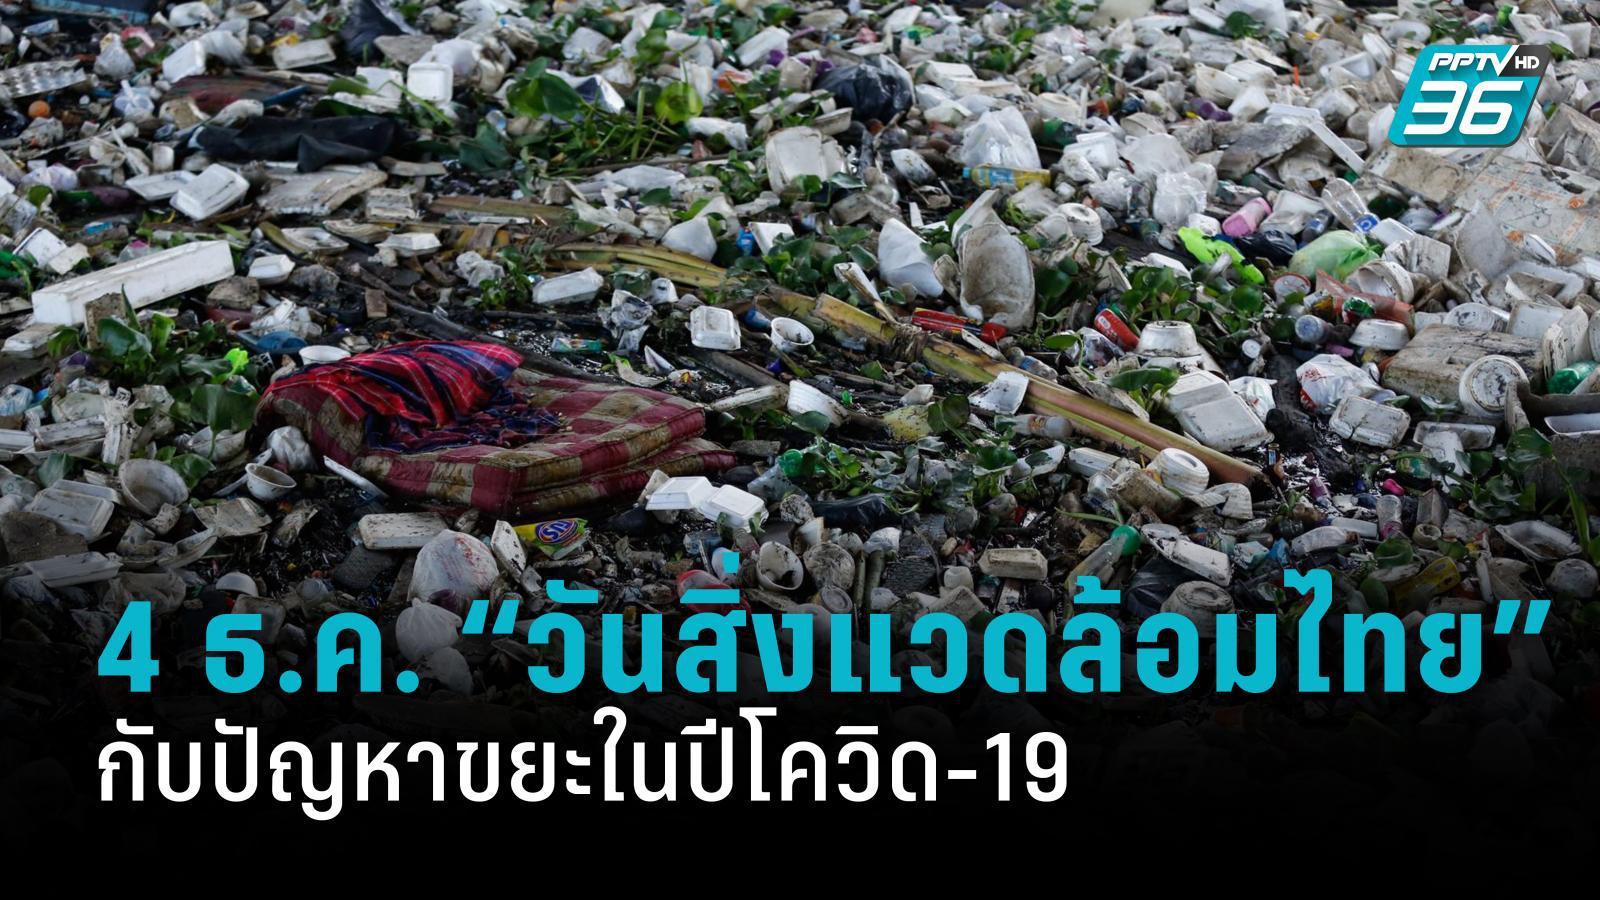 """4 ธันวาคม """"วันสิ่งแวดล้อมไทย"""" กับปัญหาขยะในปีโควิด-19"""